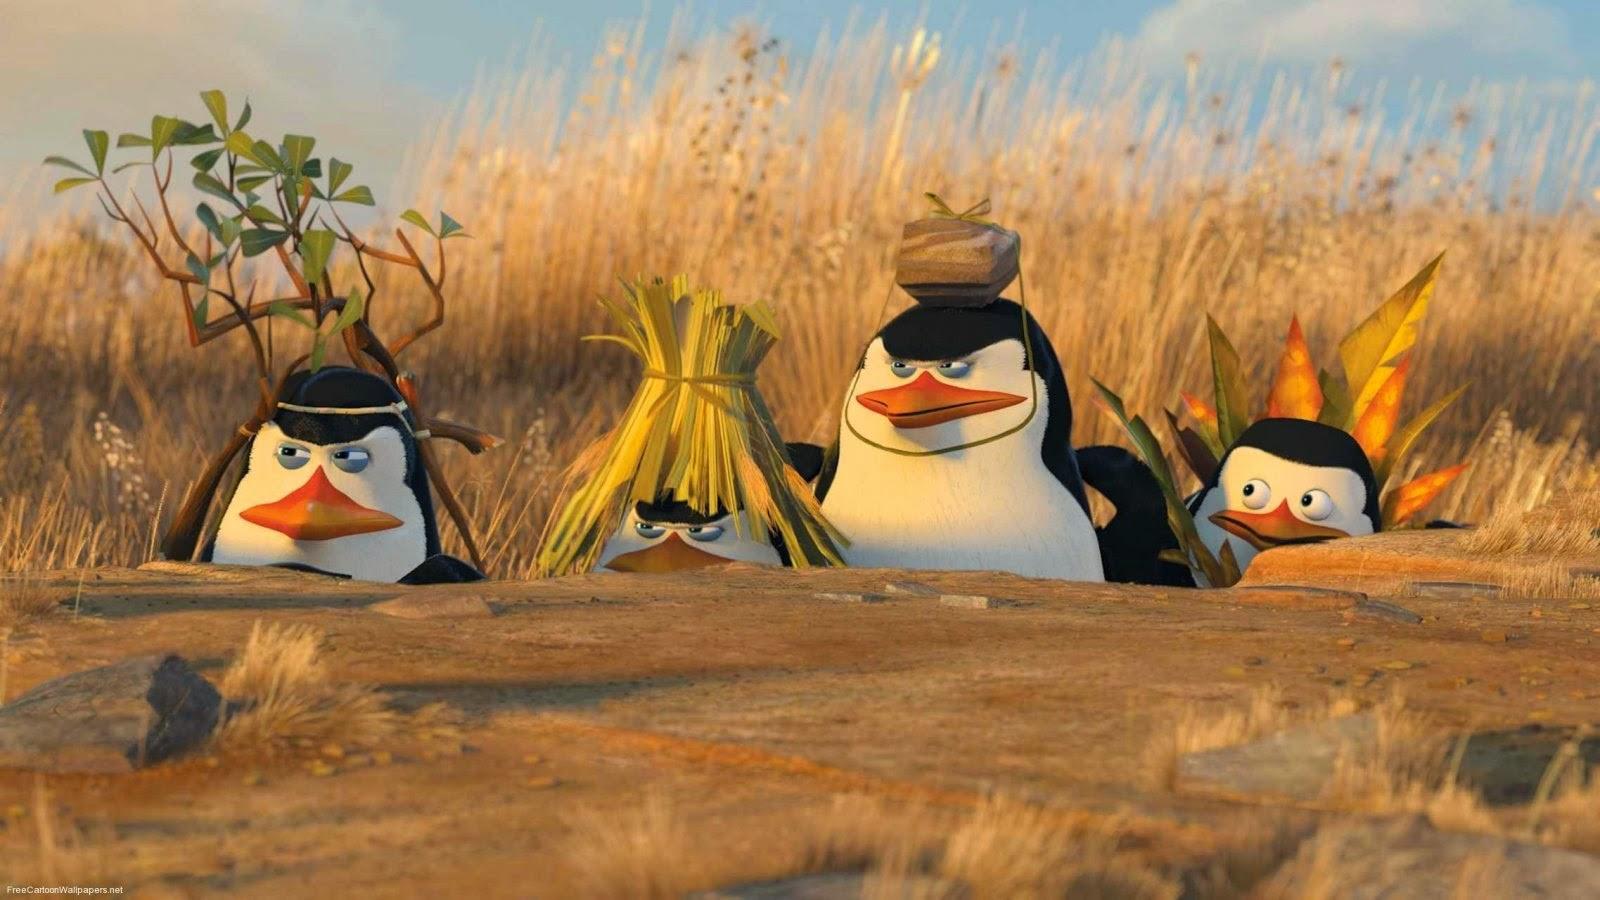 Pinguins De Madagascar Ganham Novo Jogo Exclusivo Para Plataformas